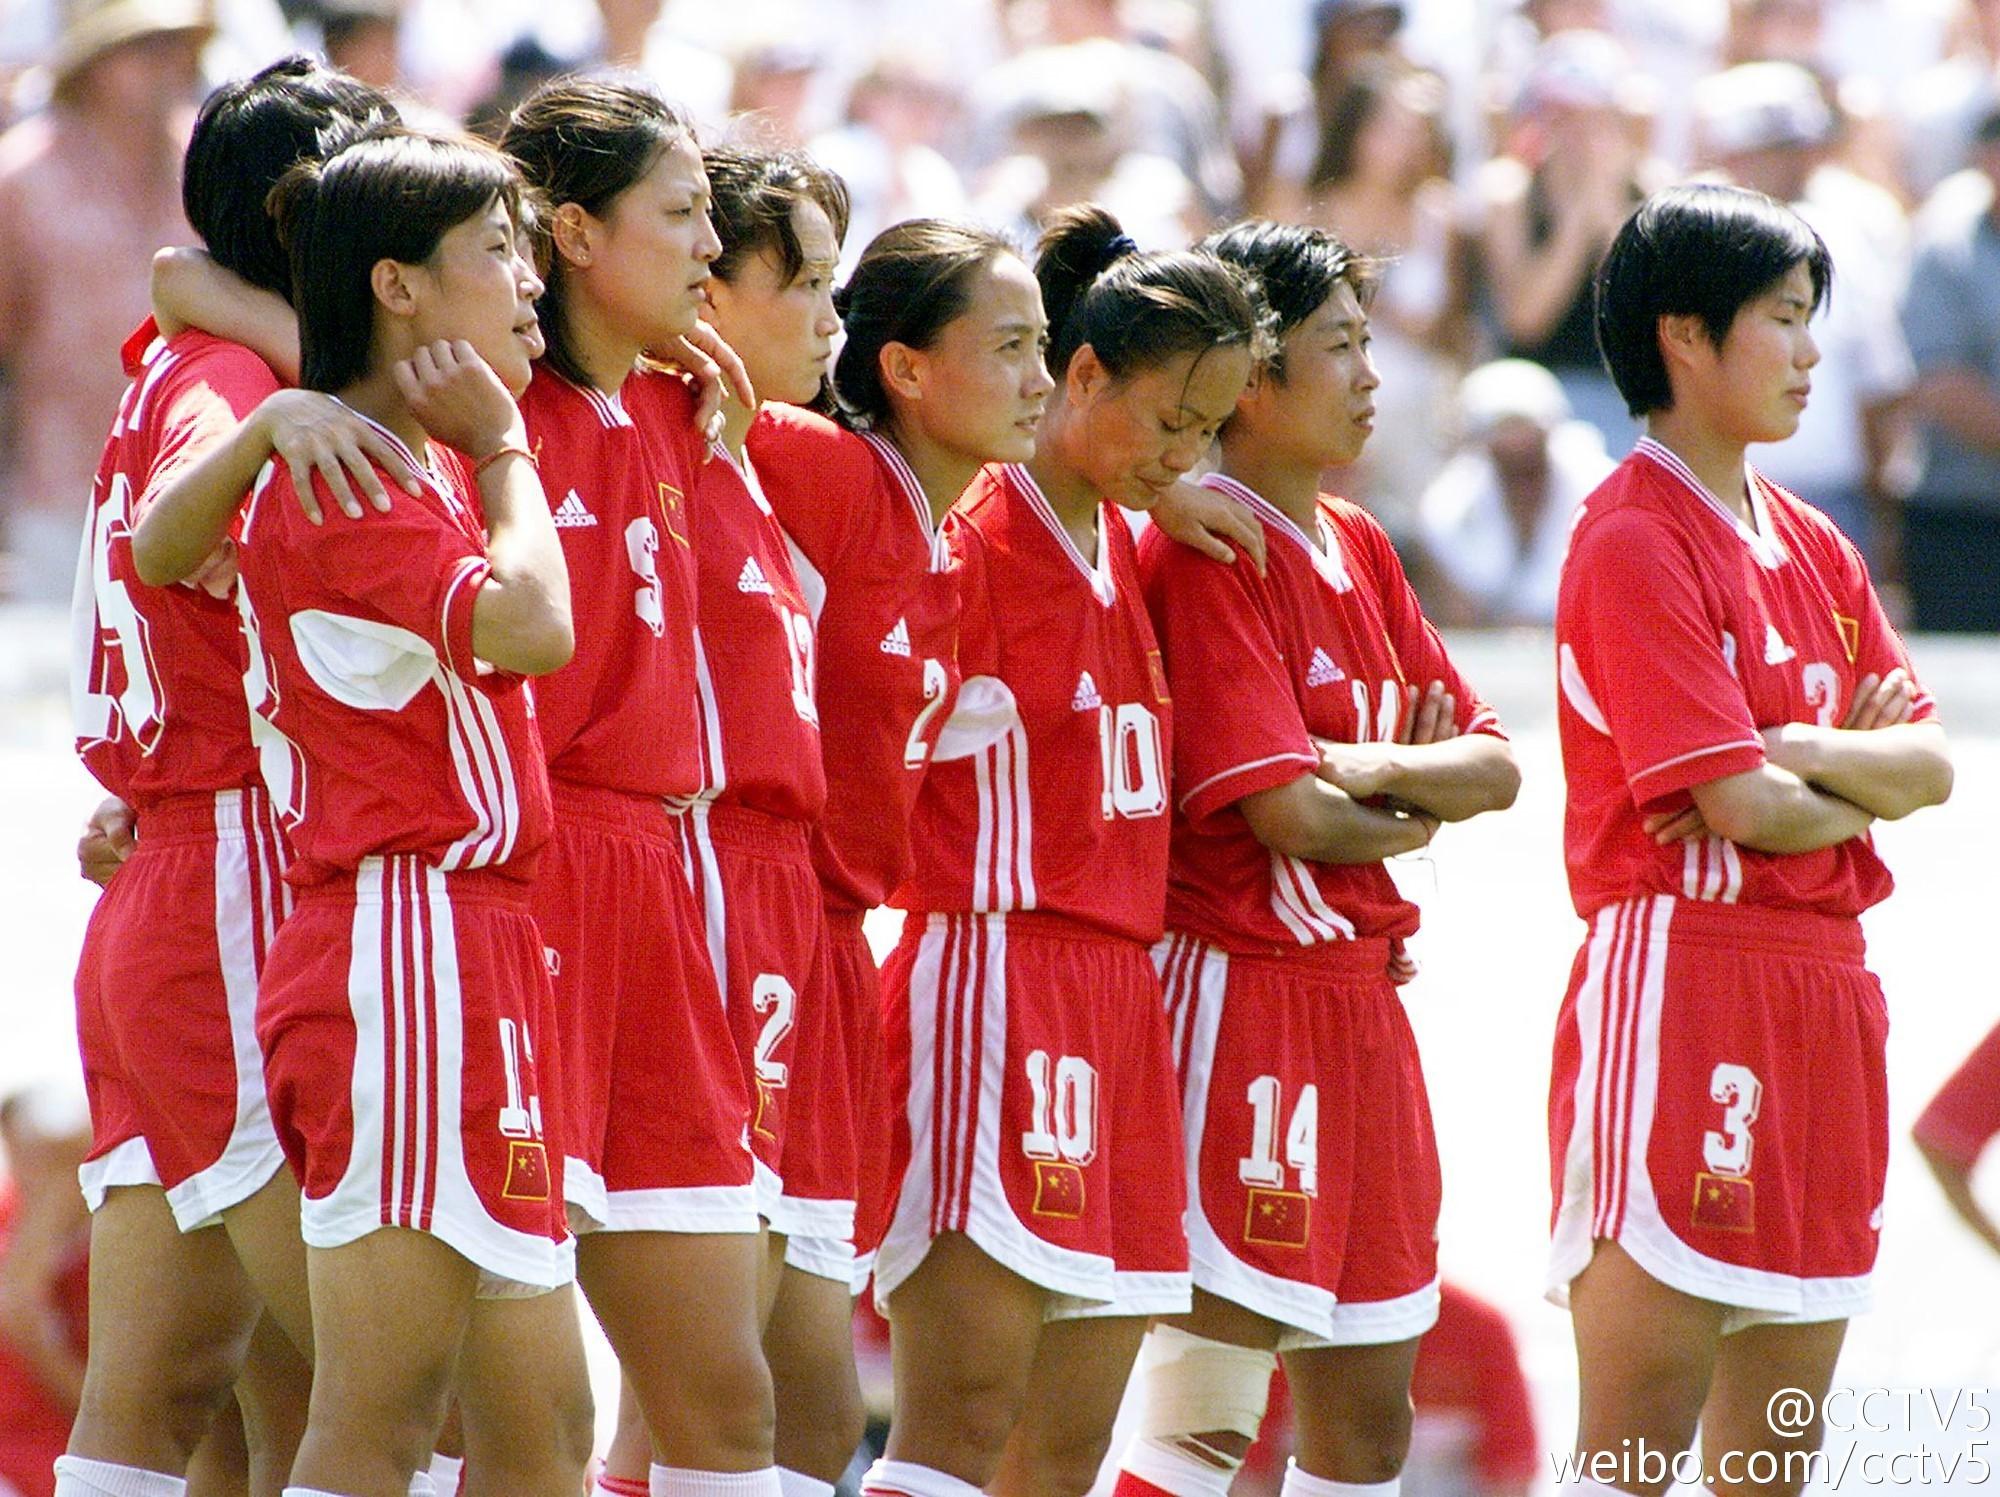 团队  1999-11 第十二届 亚洲杯女子足球赛获冠军 (获奖)  1998-12 第十三届 亚运会获女子足球冠军 (获奖)  1997-12 第11届 亚洲女子足球锦标赛第一名 (获奖)  1997-10 代表上海队获八运会女子足球赛冠军 (获奖)  1996 第26届 奥运会亚军 (获奖)  1995-10 第10届 亚洲女足锦标赛冠军 (获奖)  1995 全国女子足球锦标赛冠军 (获奖)  1994-10 第12届亚运会 女子足球赛冠军 (获奖)  1991 第1 届 世界杯女